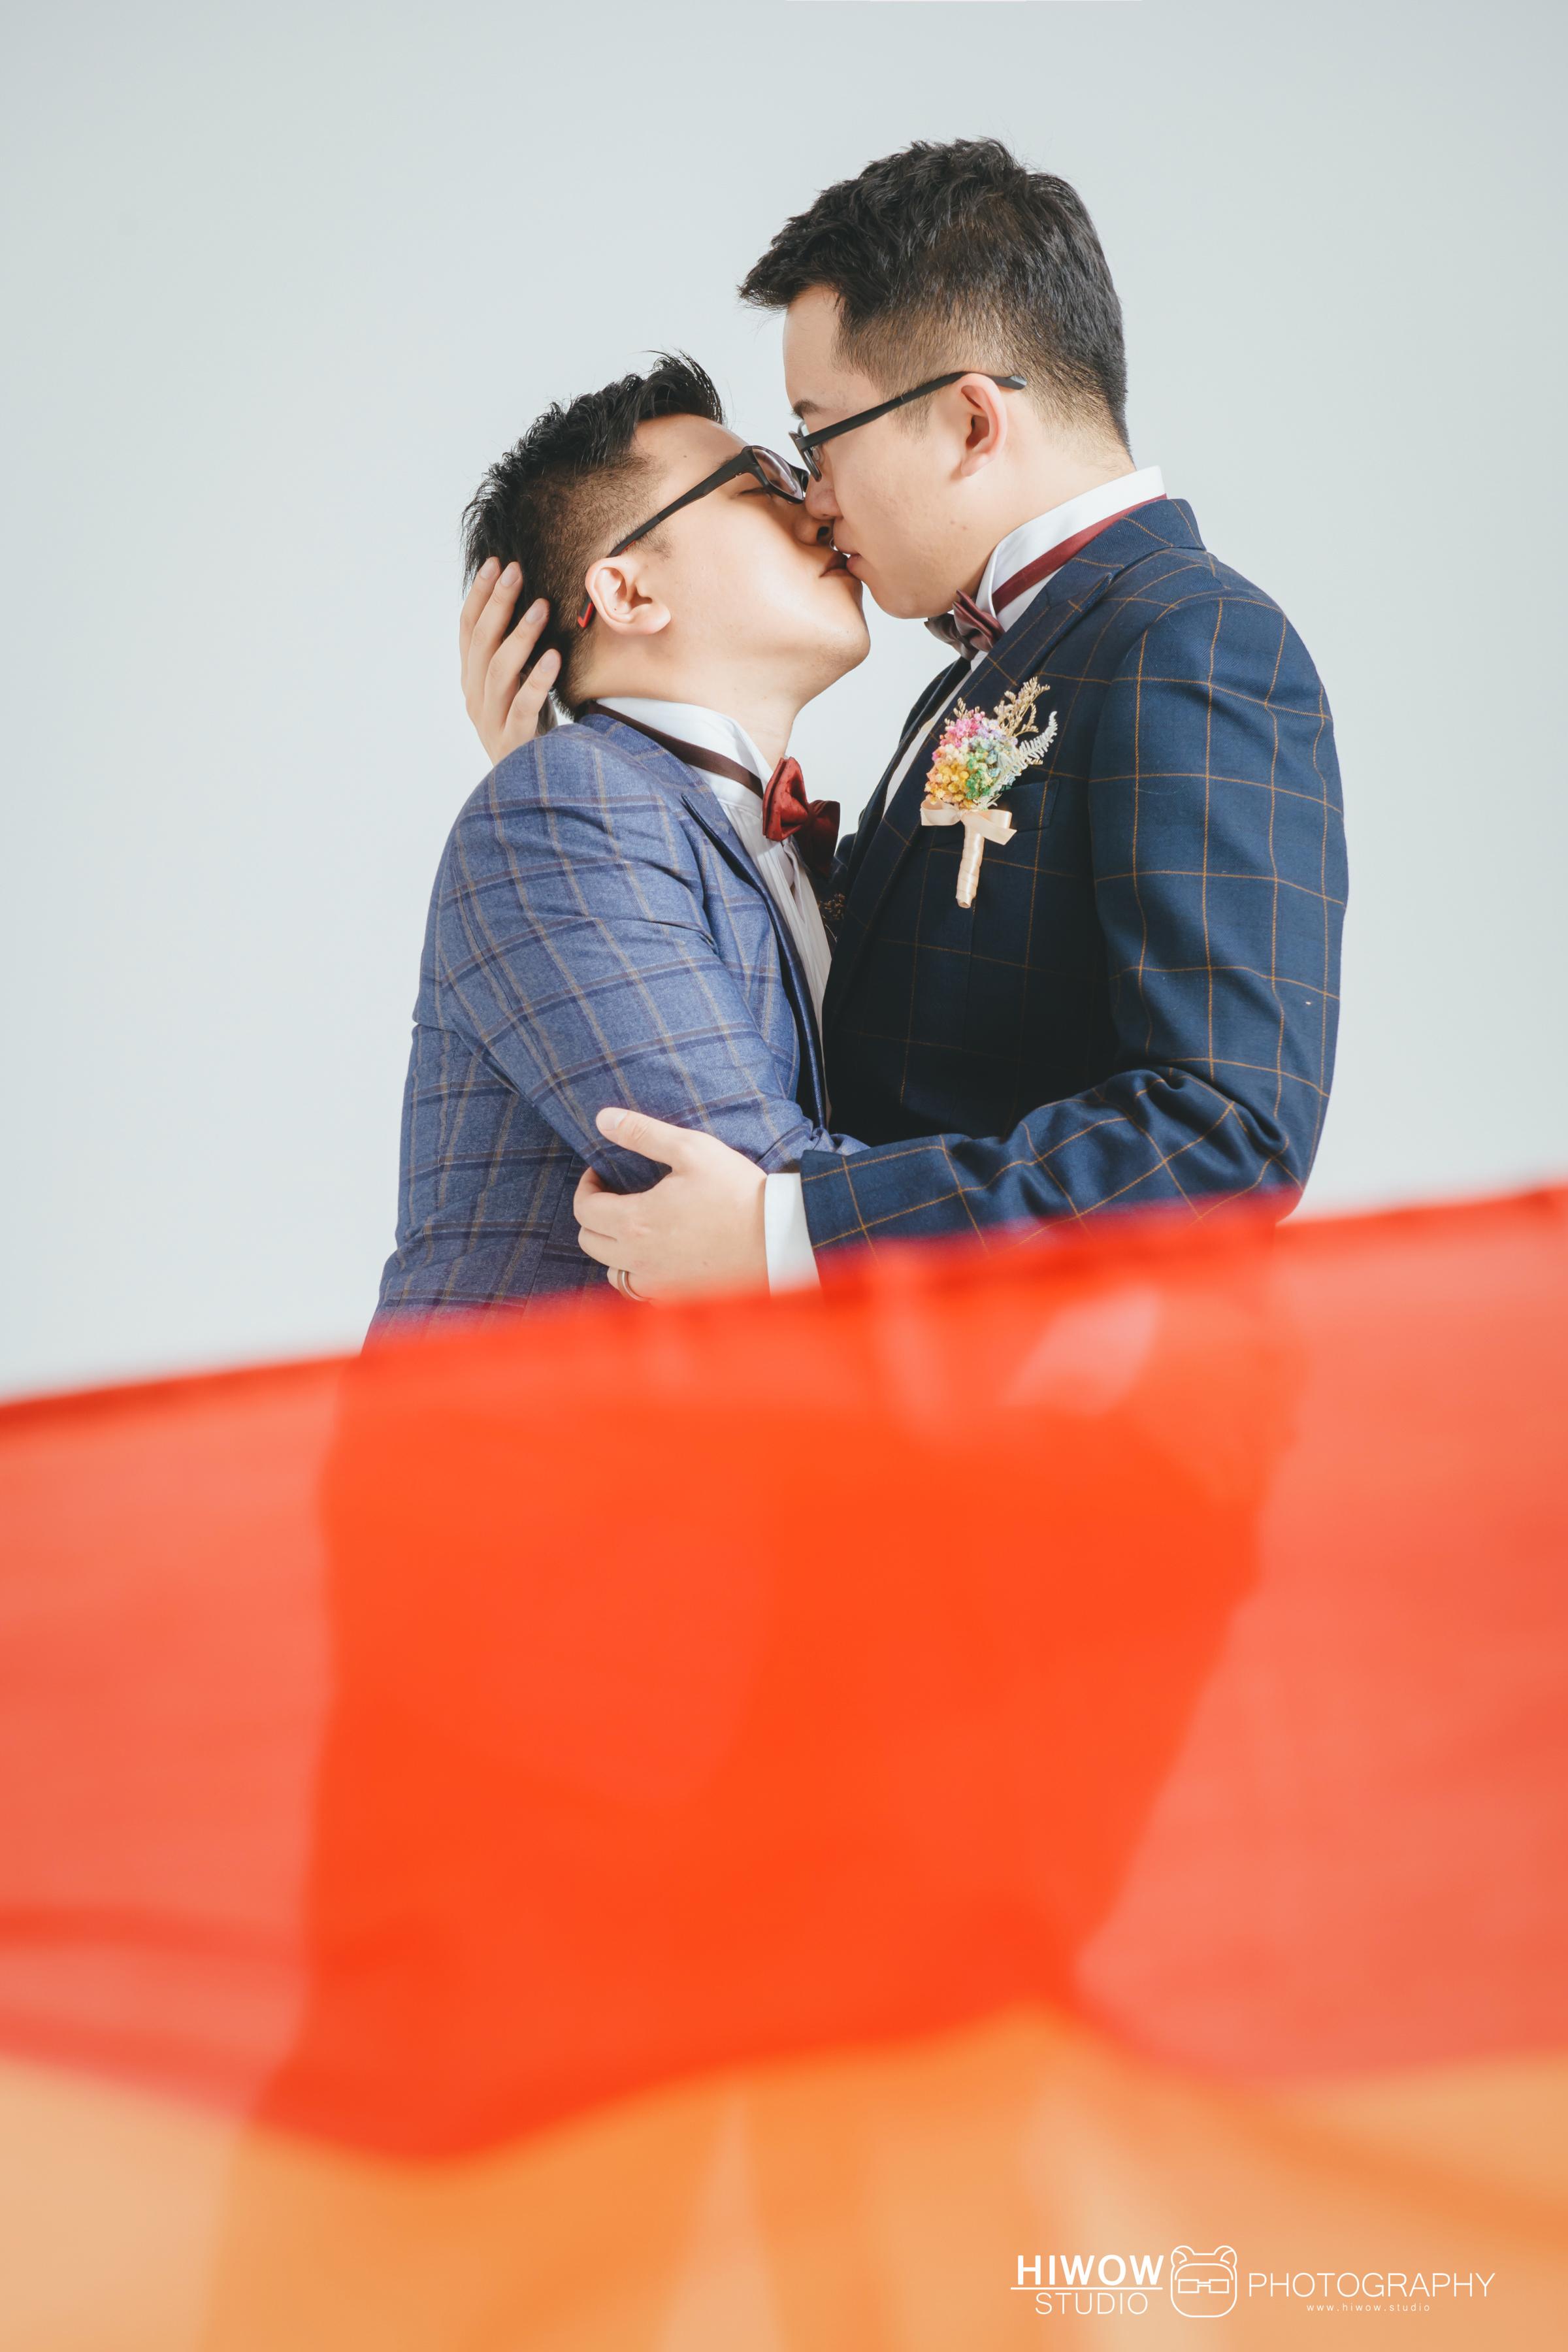 海蛙攝影/男男婚紗/情侶寫真/同志婚紗/同性婚姻/婚姻平權/好拍市集/hiwow.studio/